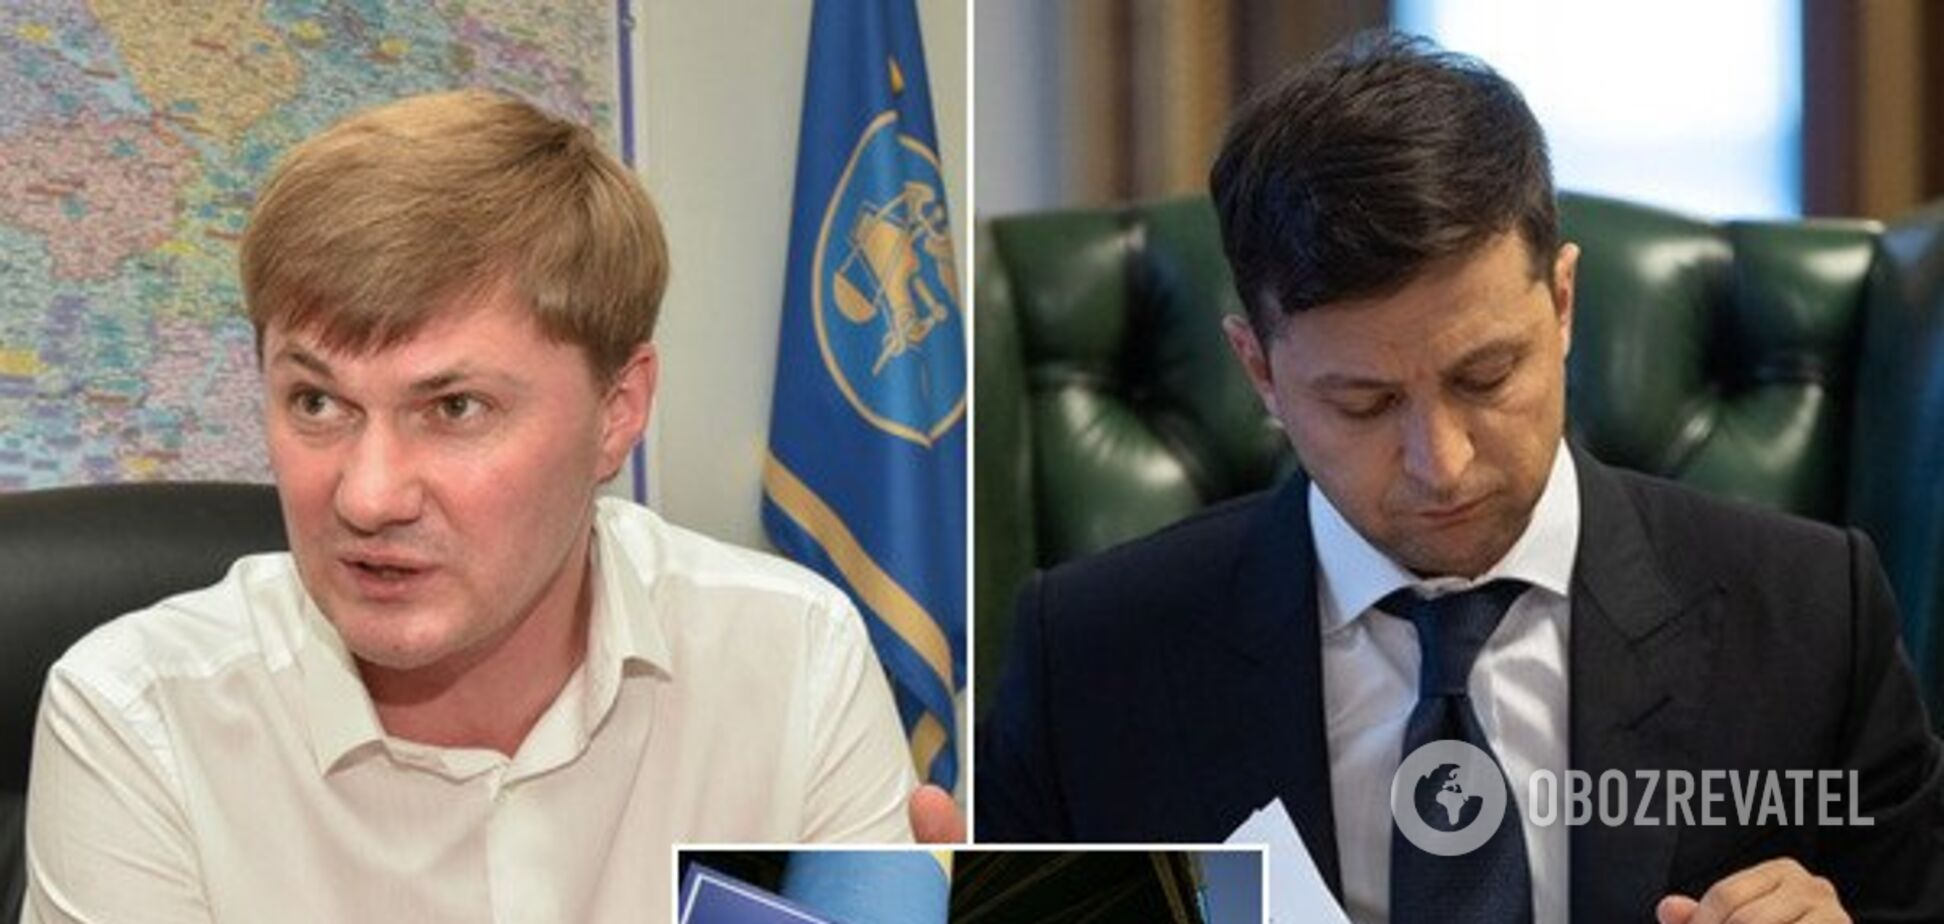 'За идиотов держите?' Главный таможенник Одессы уволен после конфликта с Зеленским